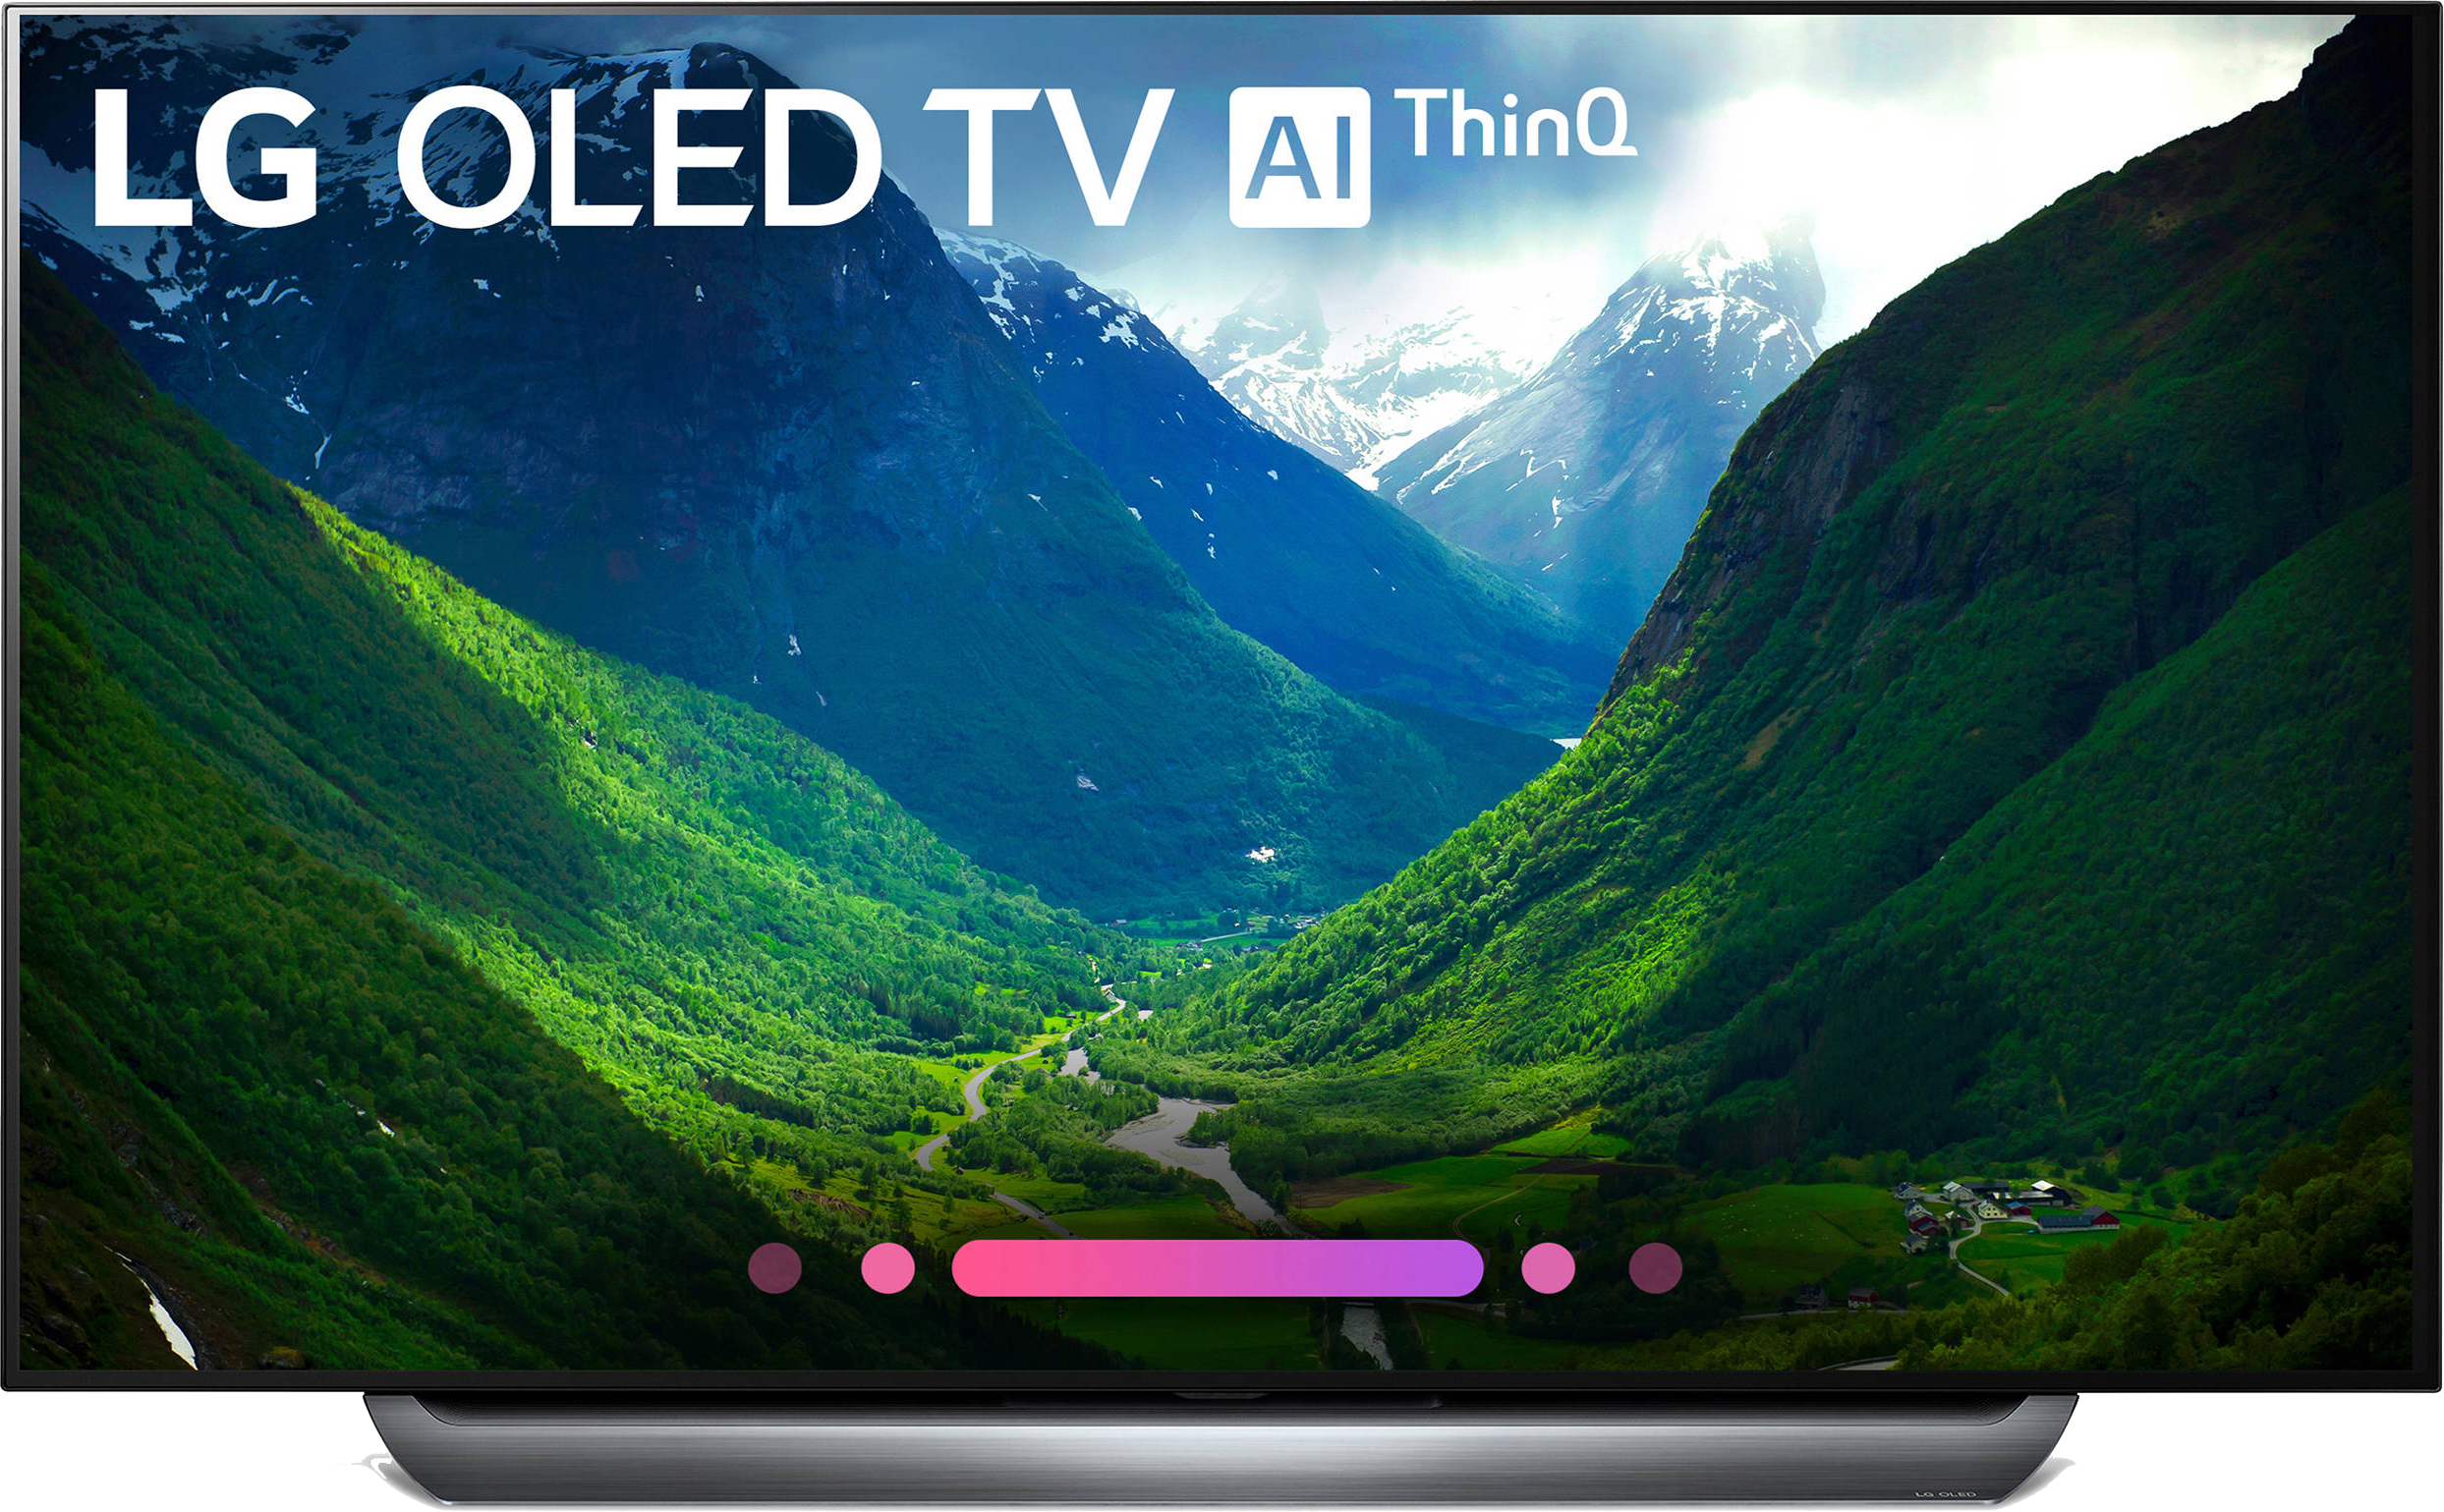 LG OLED55C8PUA 55'' HDR UHD Smart OLED TV   lucaselectronics